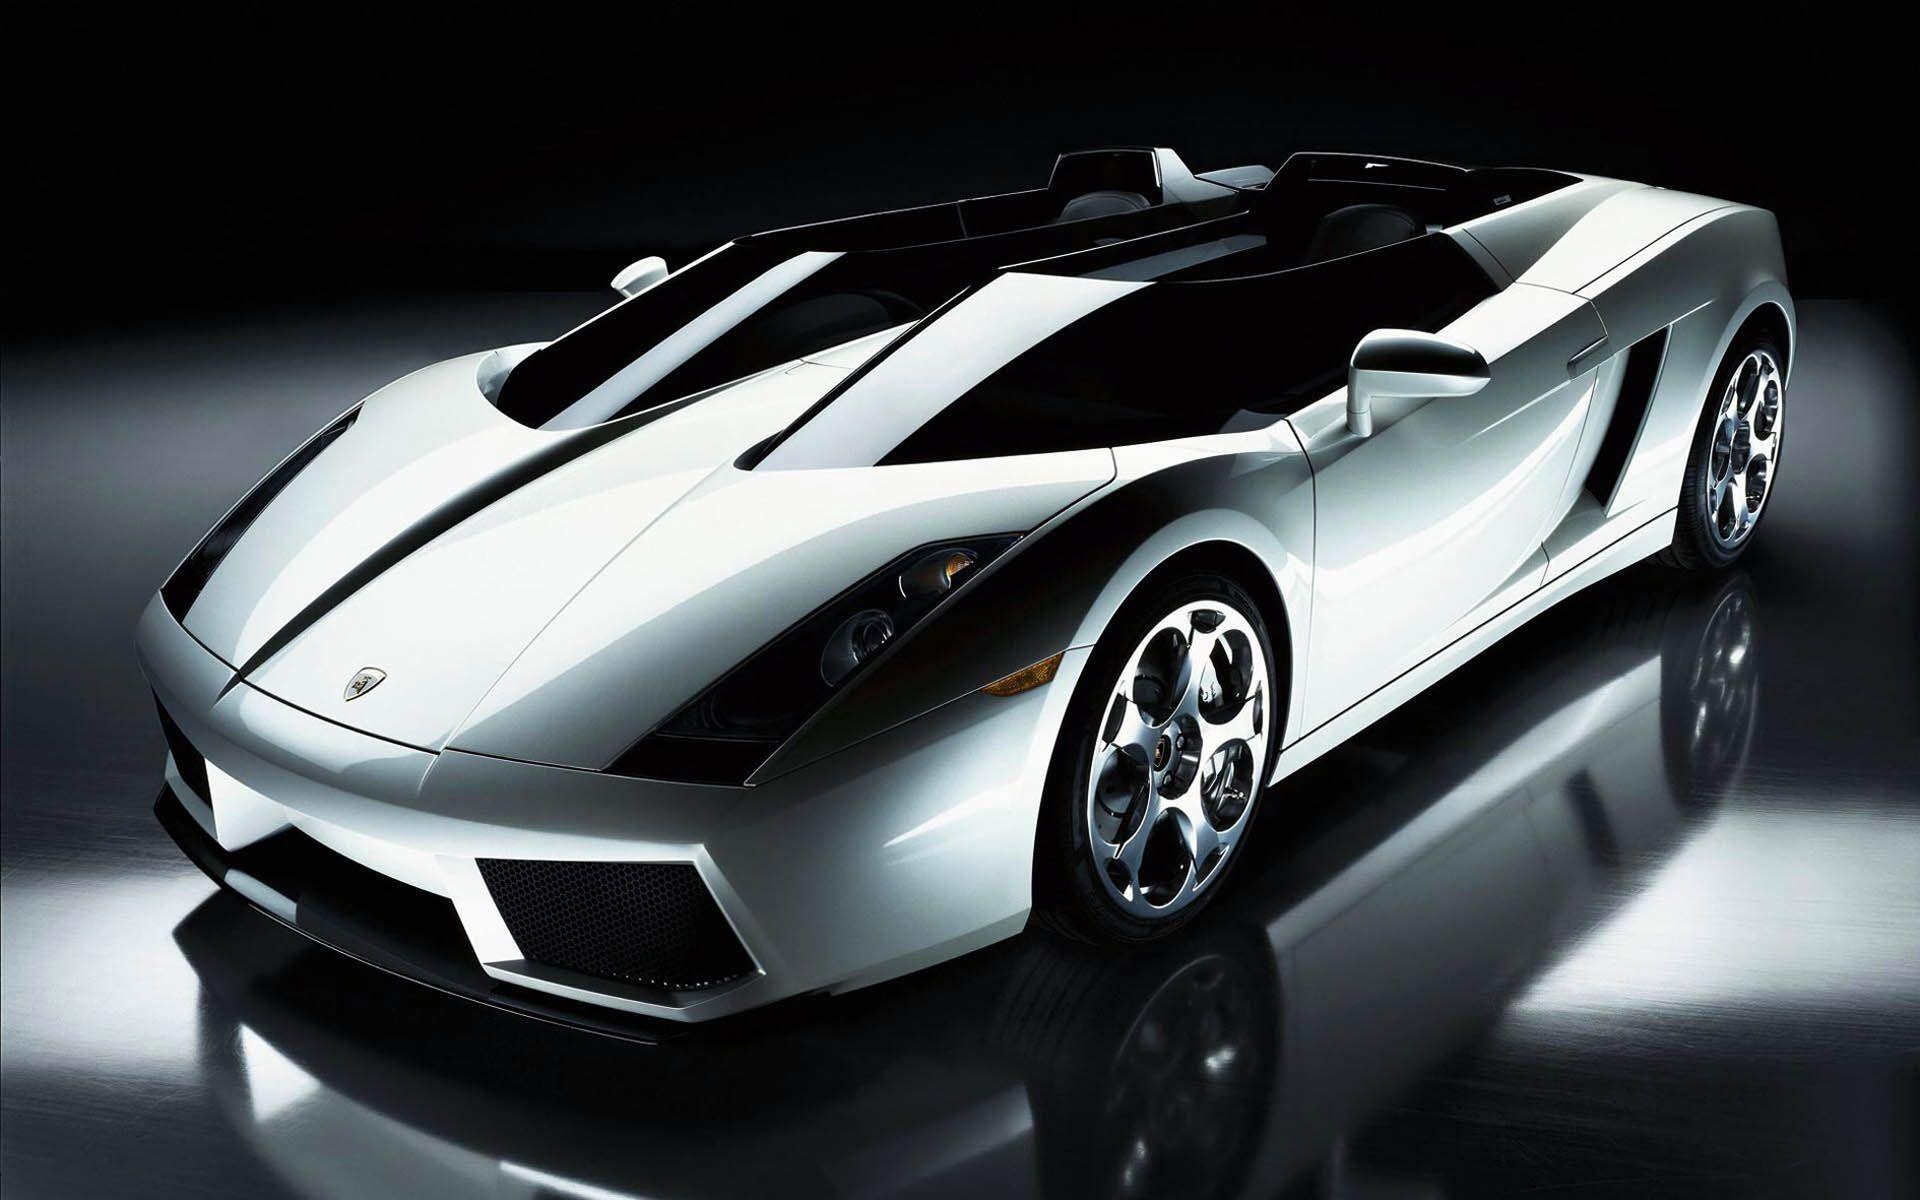 Lamborghini Concept S 1